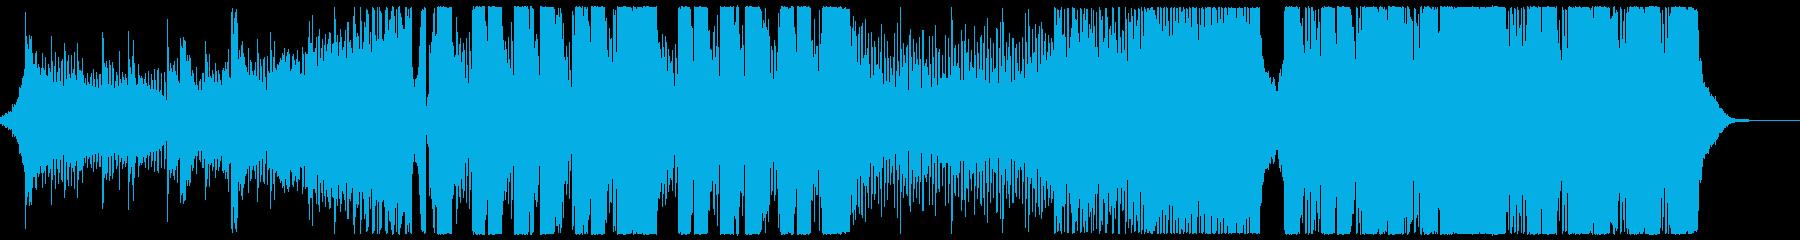 ワクワク感のあるダブステ曲の再生済みの波形